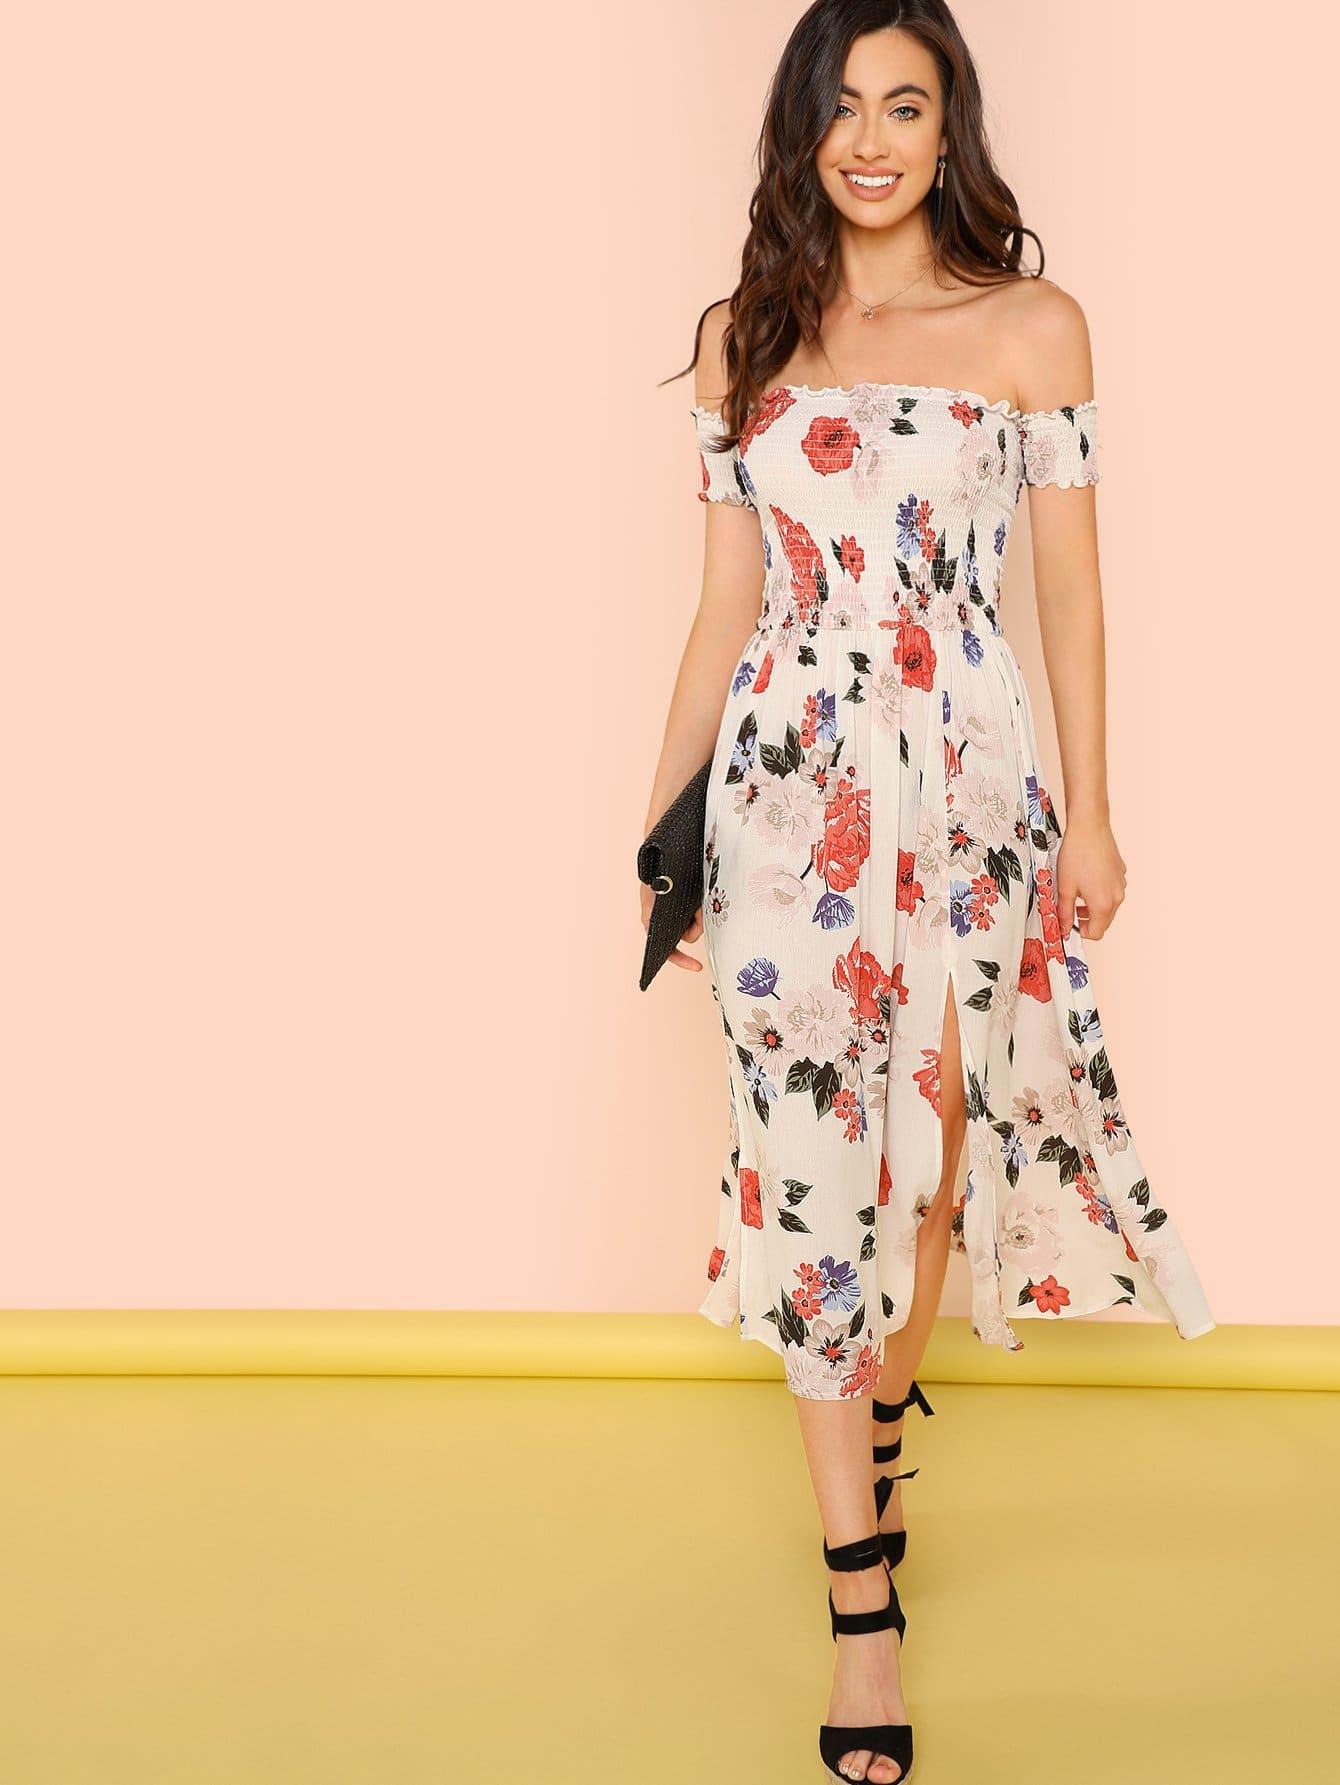 Купить Платье Bardot с надписью Slit Side Daisy, Kelli S., SheIn